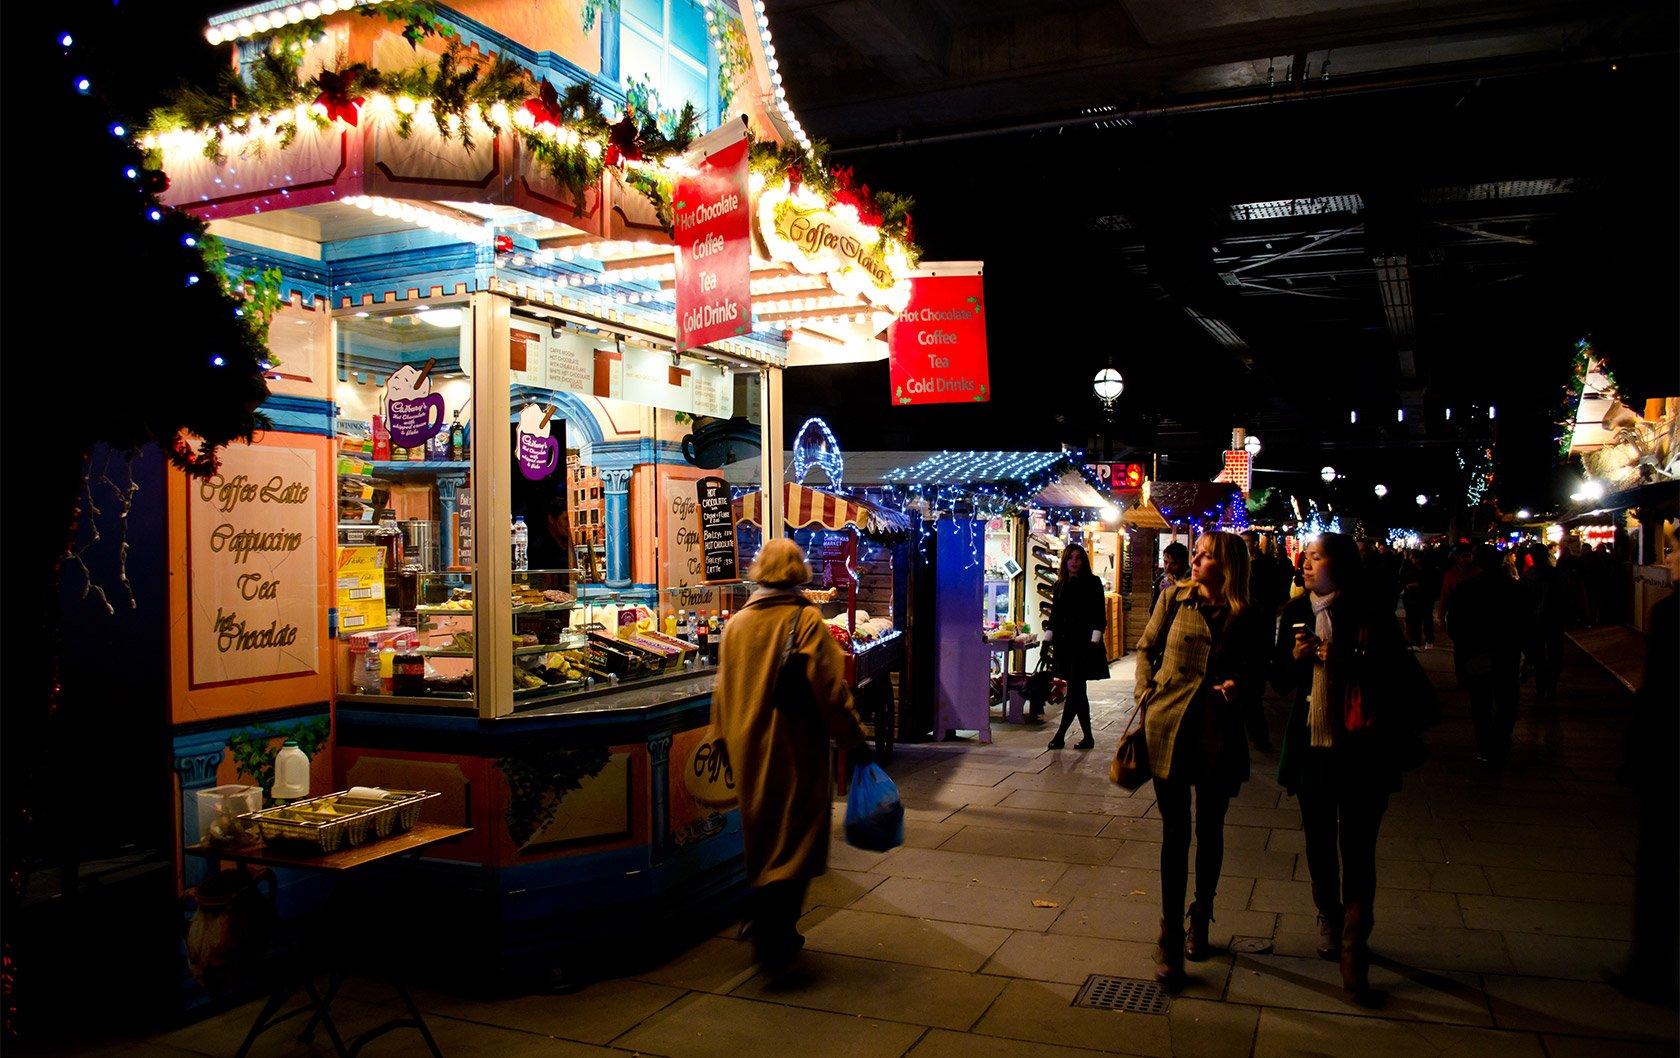 christmas-market-london-flickr